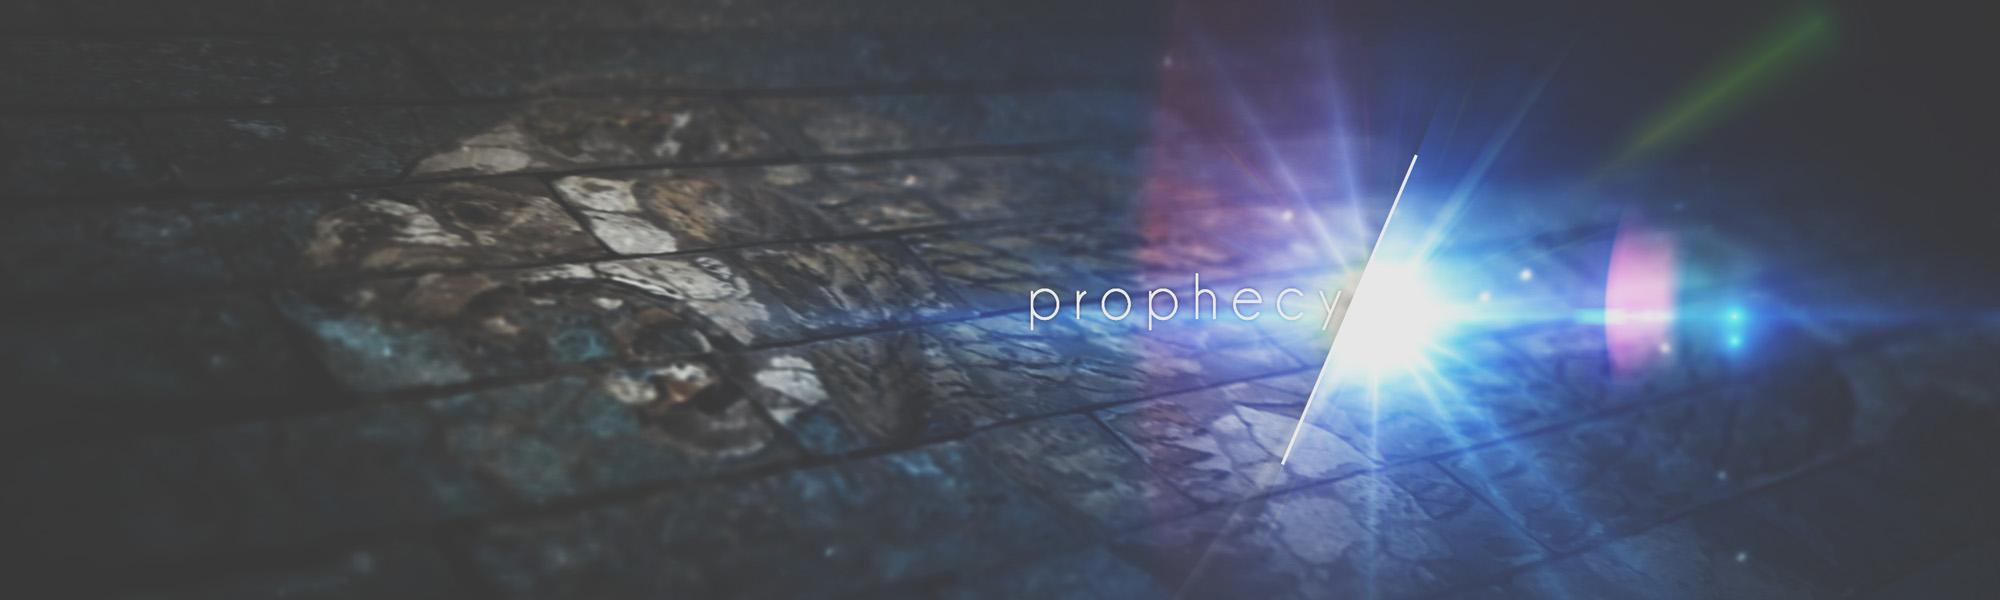 Header Design - Prophecy.jpg